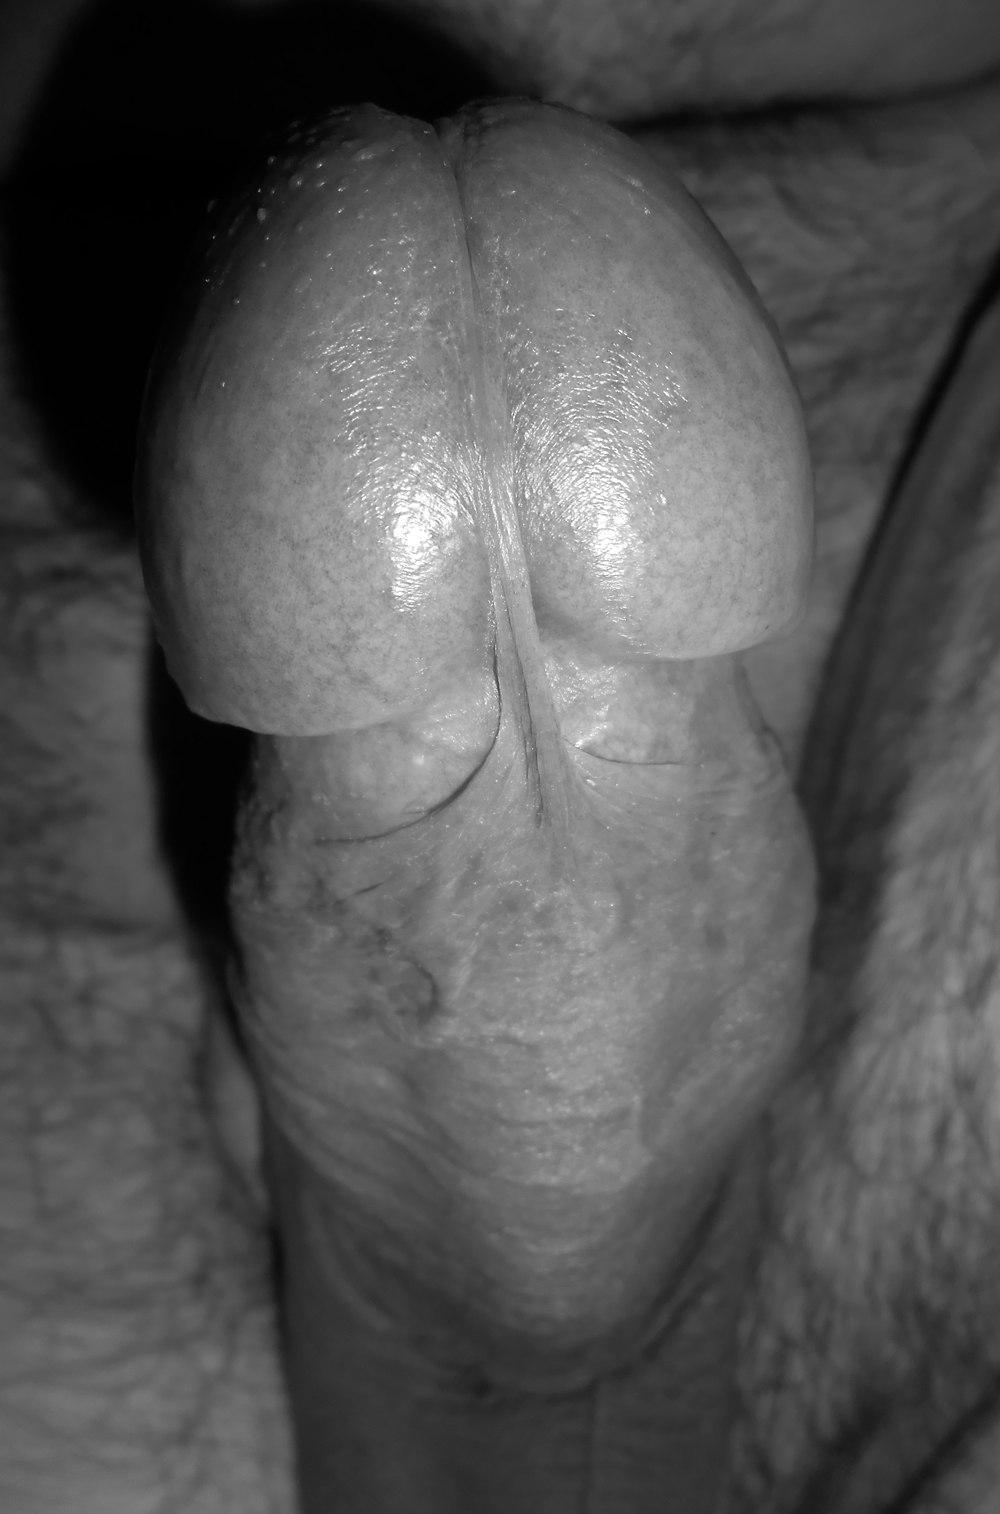 Размеры члена в фото 12 фотография